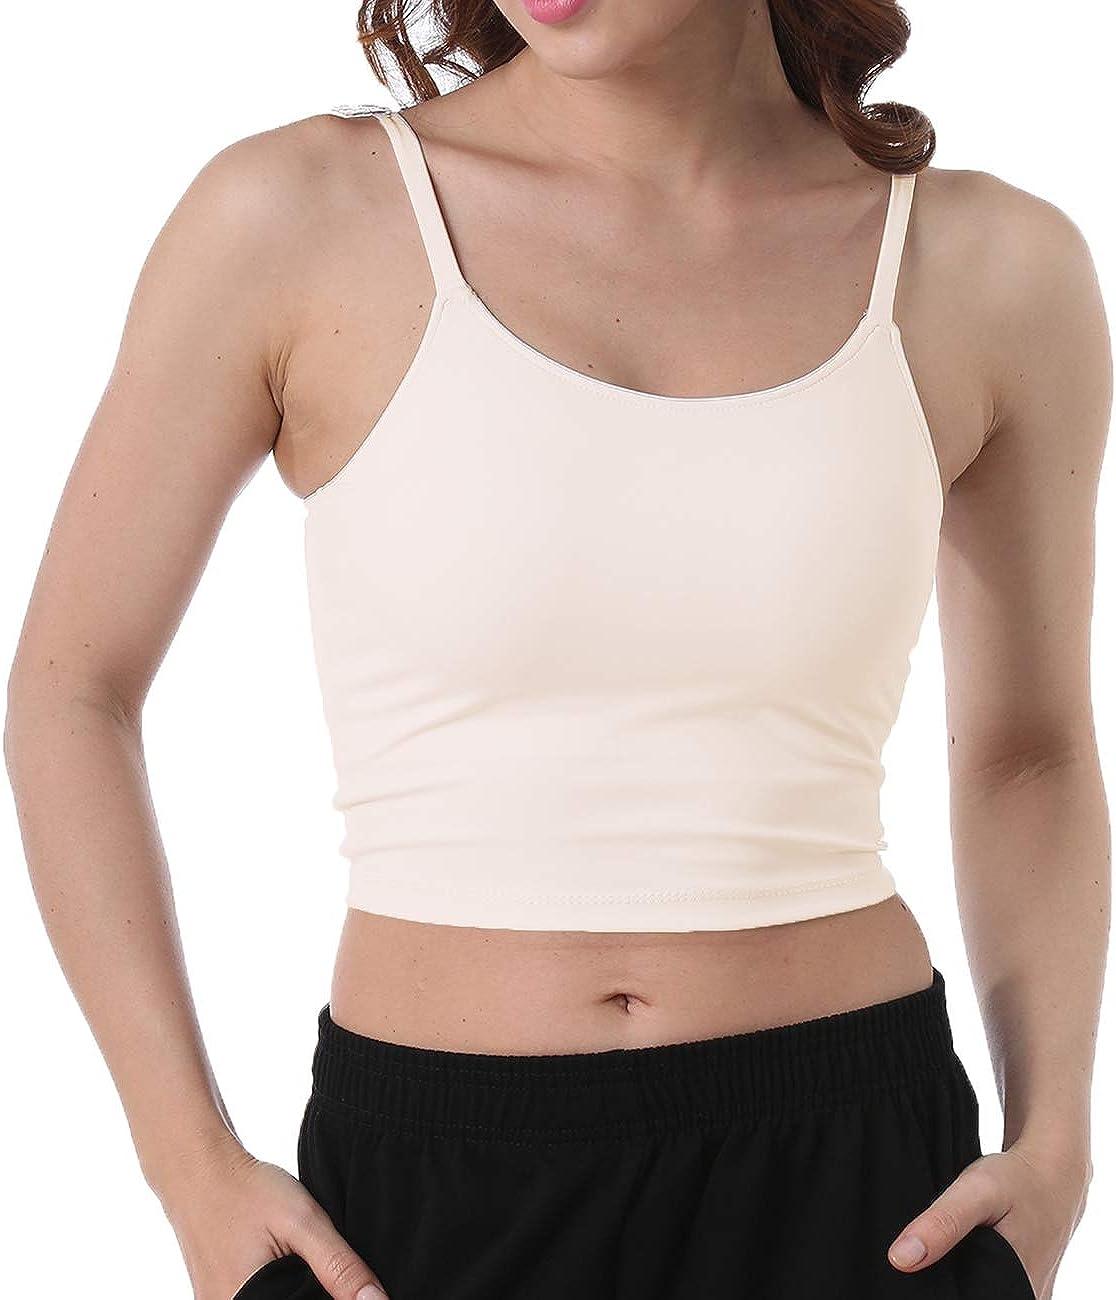 Women 2021 model Longline Padded Sports Bra Yoga Import Fitness Crop Tops Wor Tank